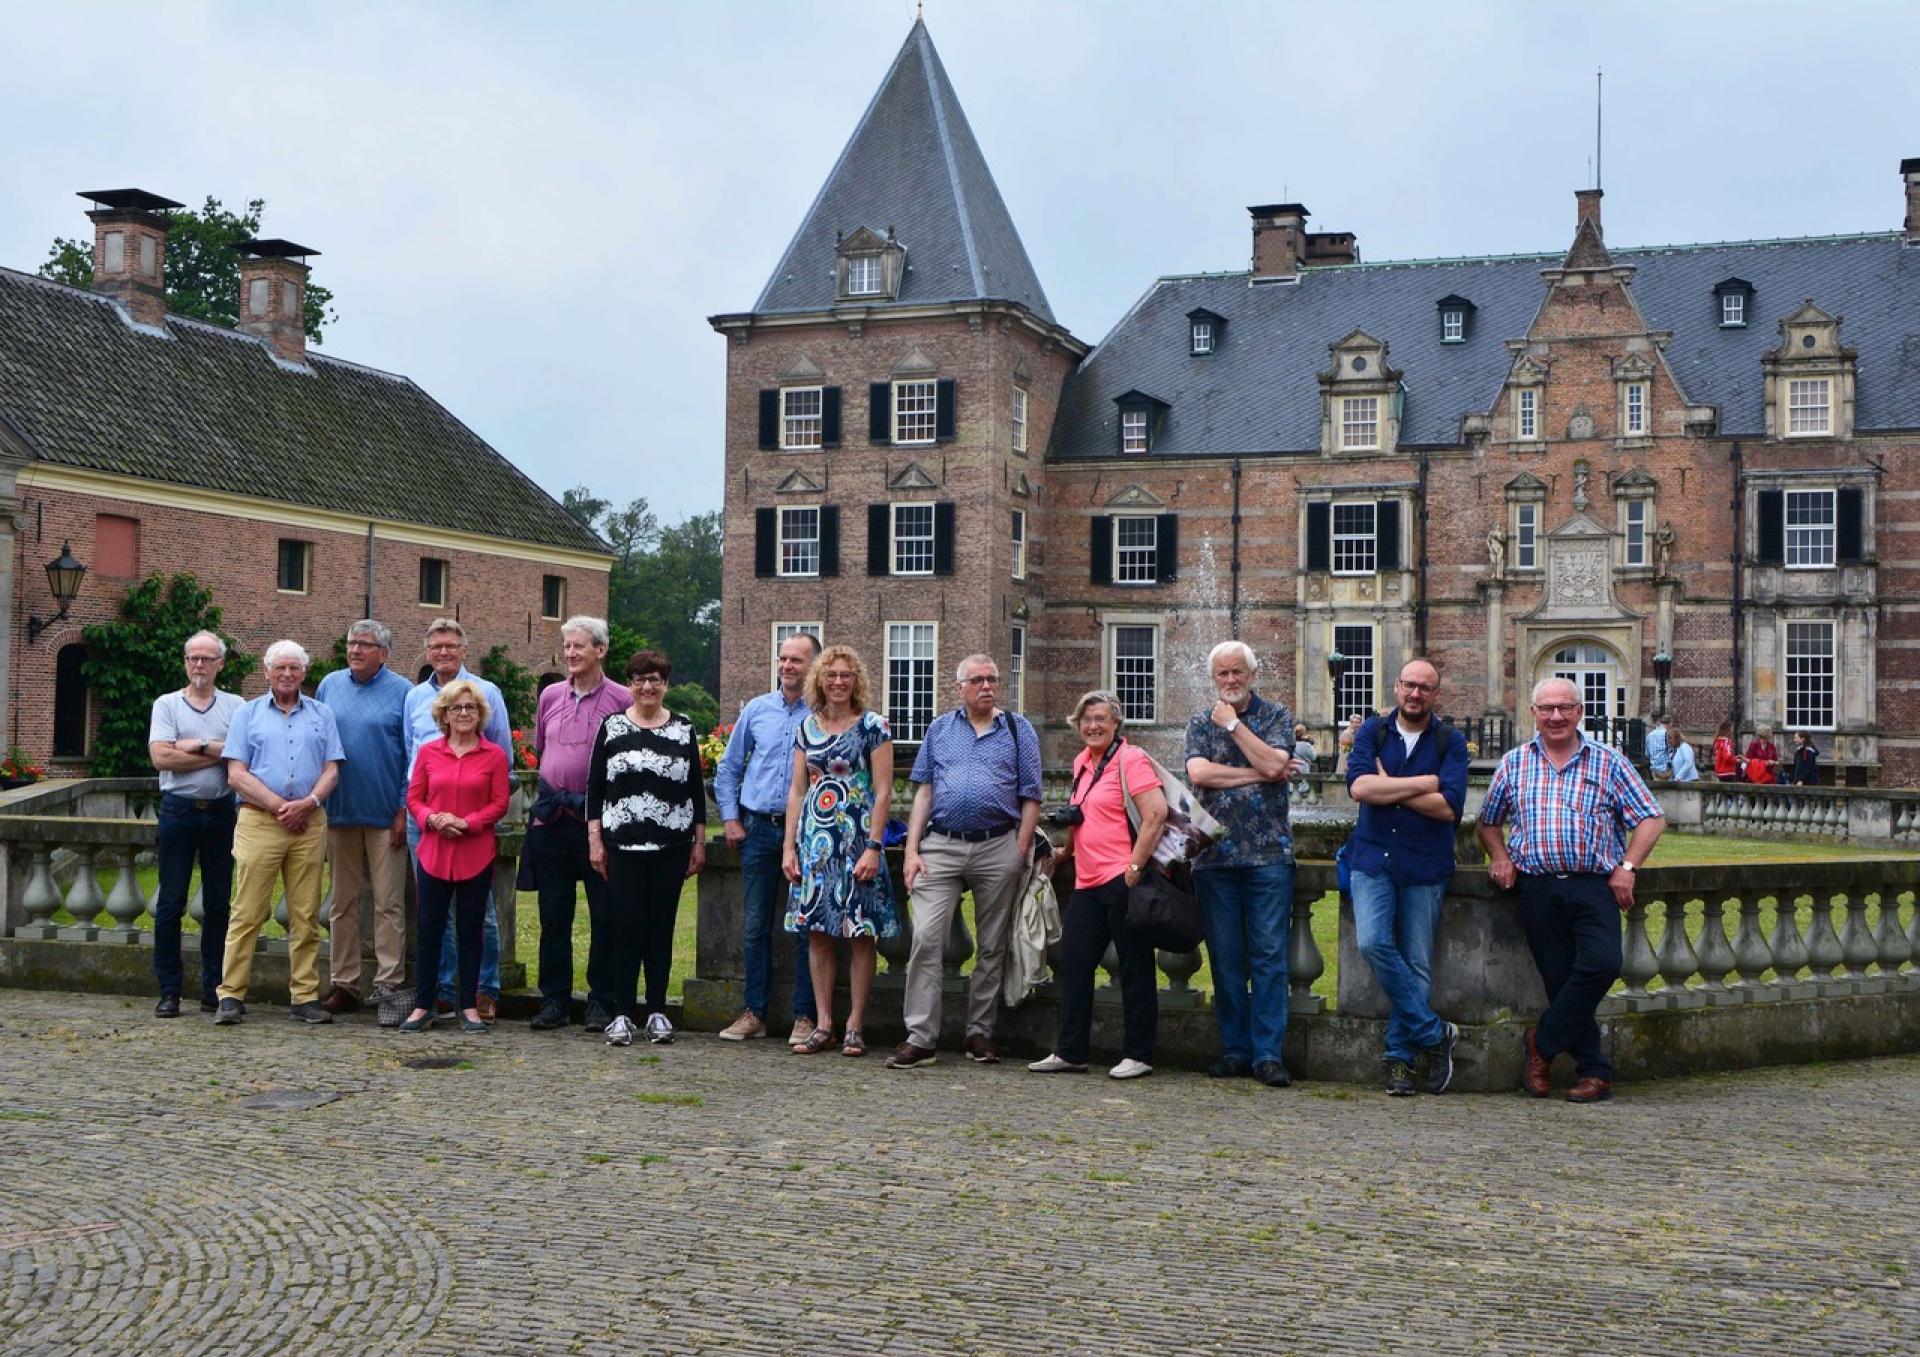 Fotografen expositie Zoutmuseum bezoeken kasteel Twickel